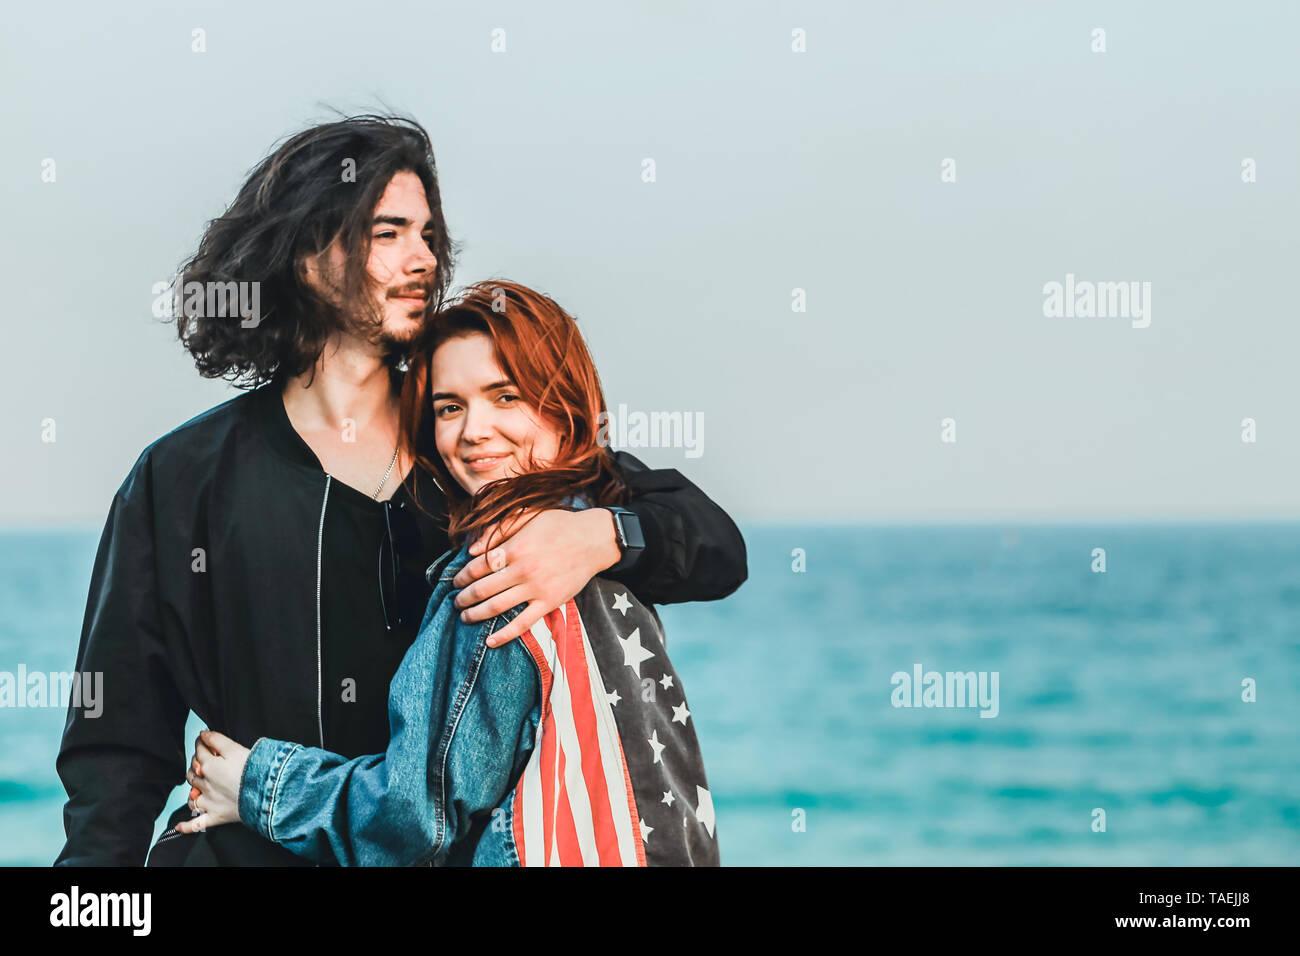 Feliz pareja joven con vista al mar en un cálido día de primavera. Guapo suavemente abraza a su bella pelirroja sweetheart. Foto de stock